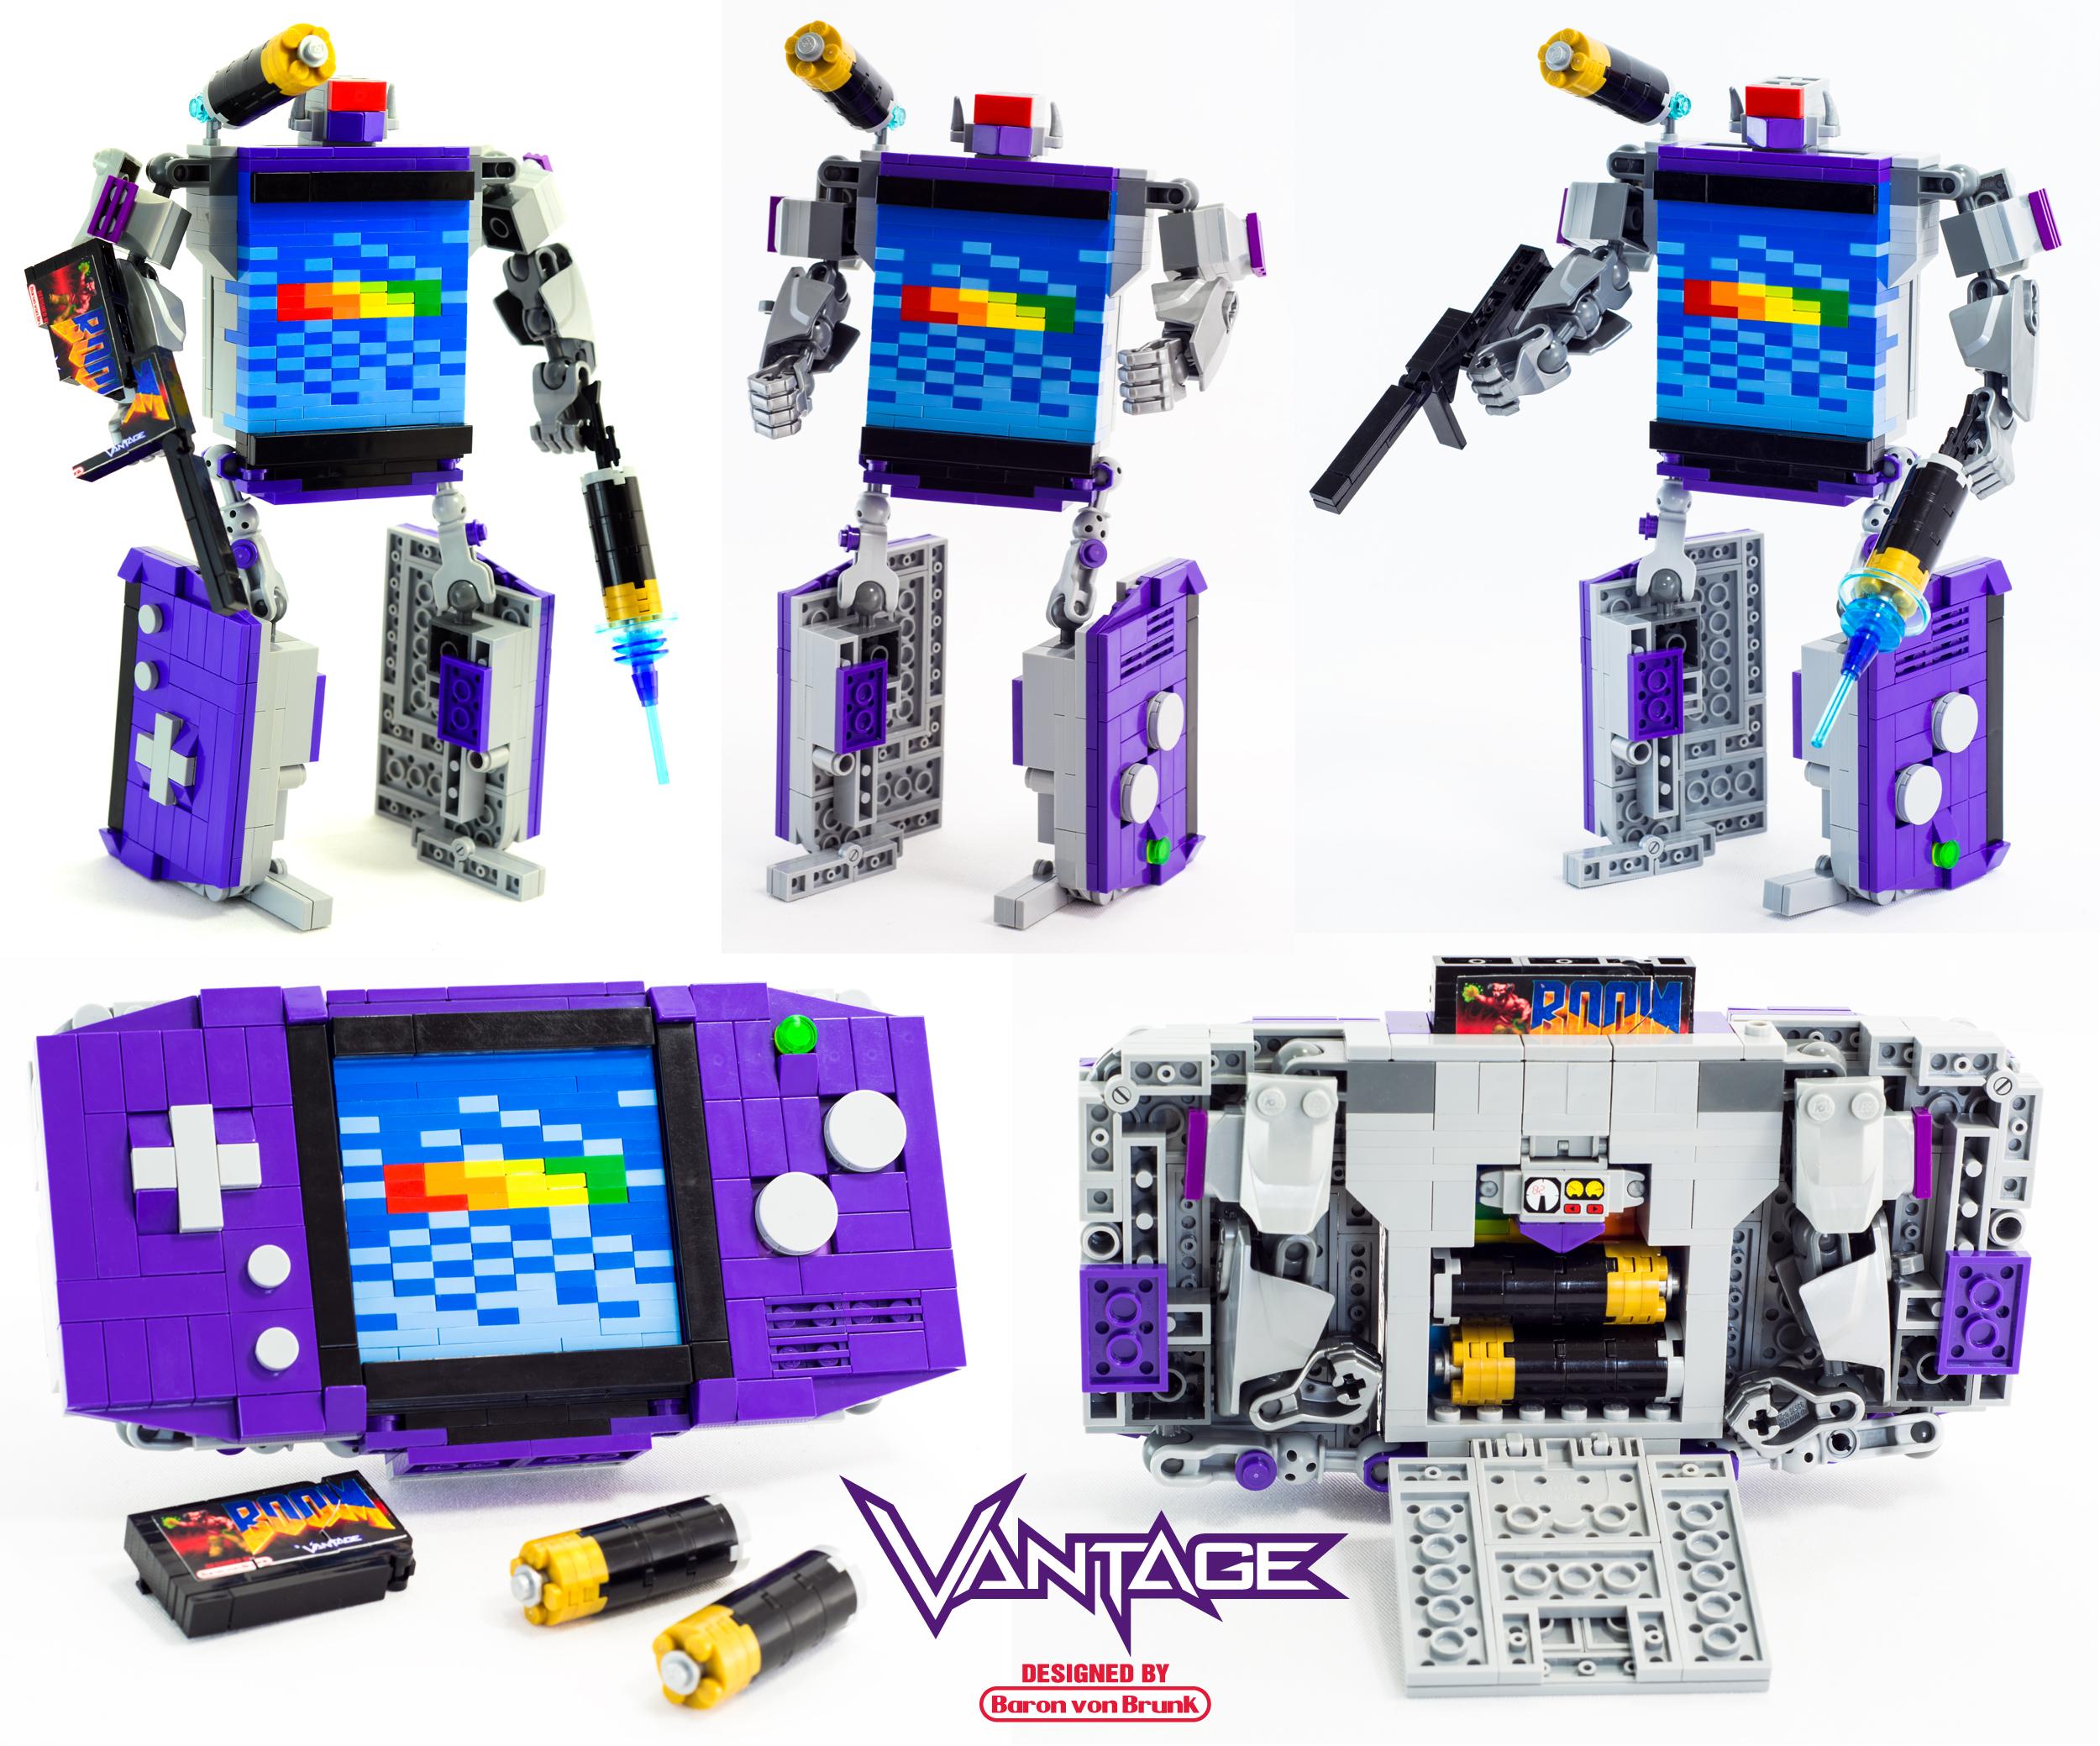 Vantage - LEGO Game Boy Advance Transformer by VonBrunk